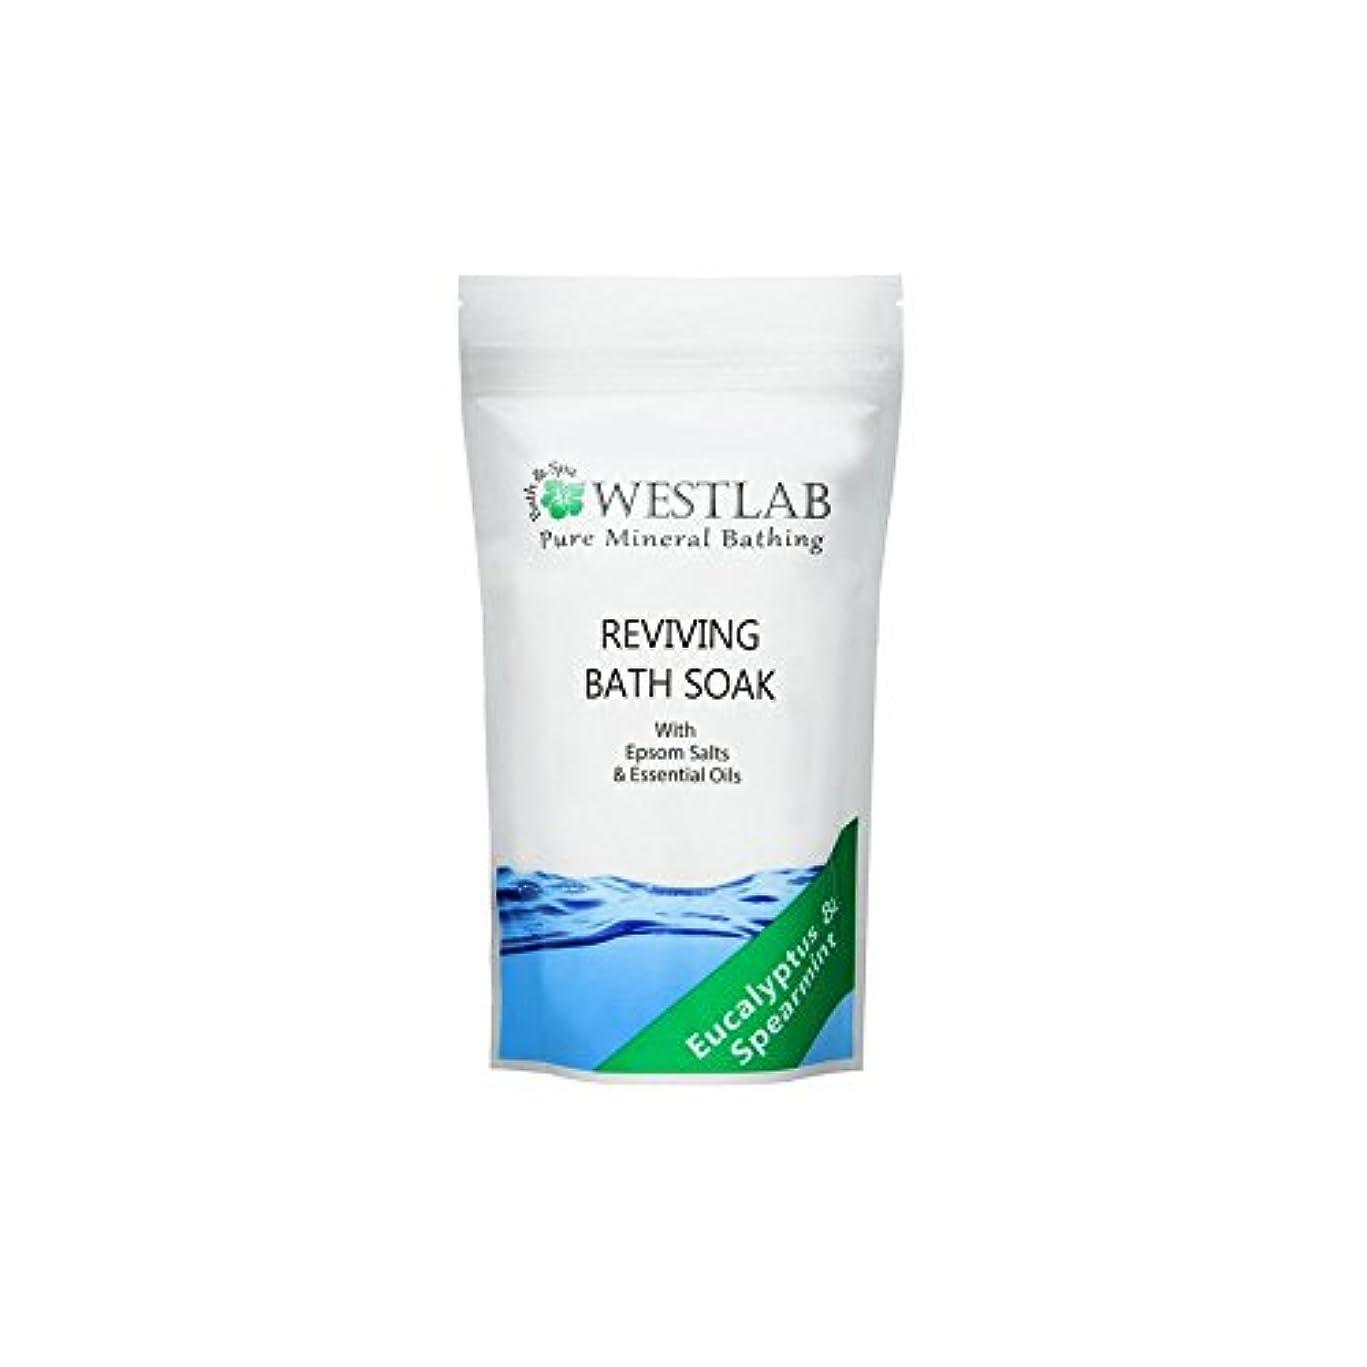 インゲンボリュームペンフレンド(500グラム)をソークエプソム塩浴を復活させます x4 - Westlab Revive Epsom Salt Bath Soak (500g) (Pack of 4) [並行輸入品]